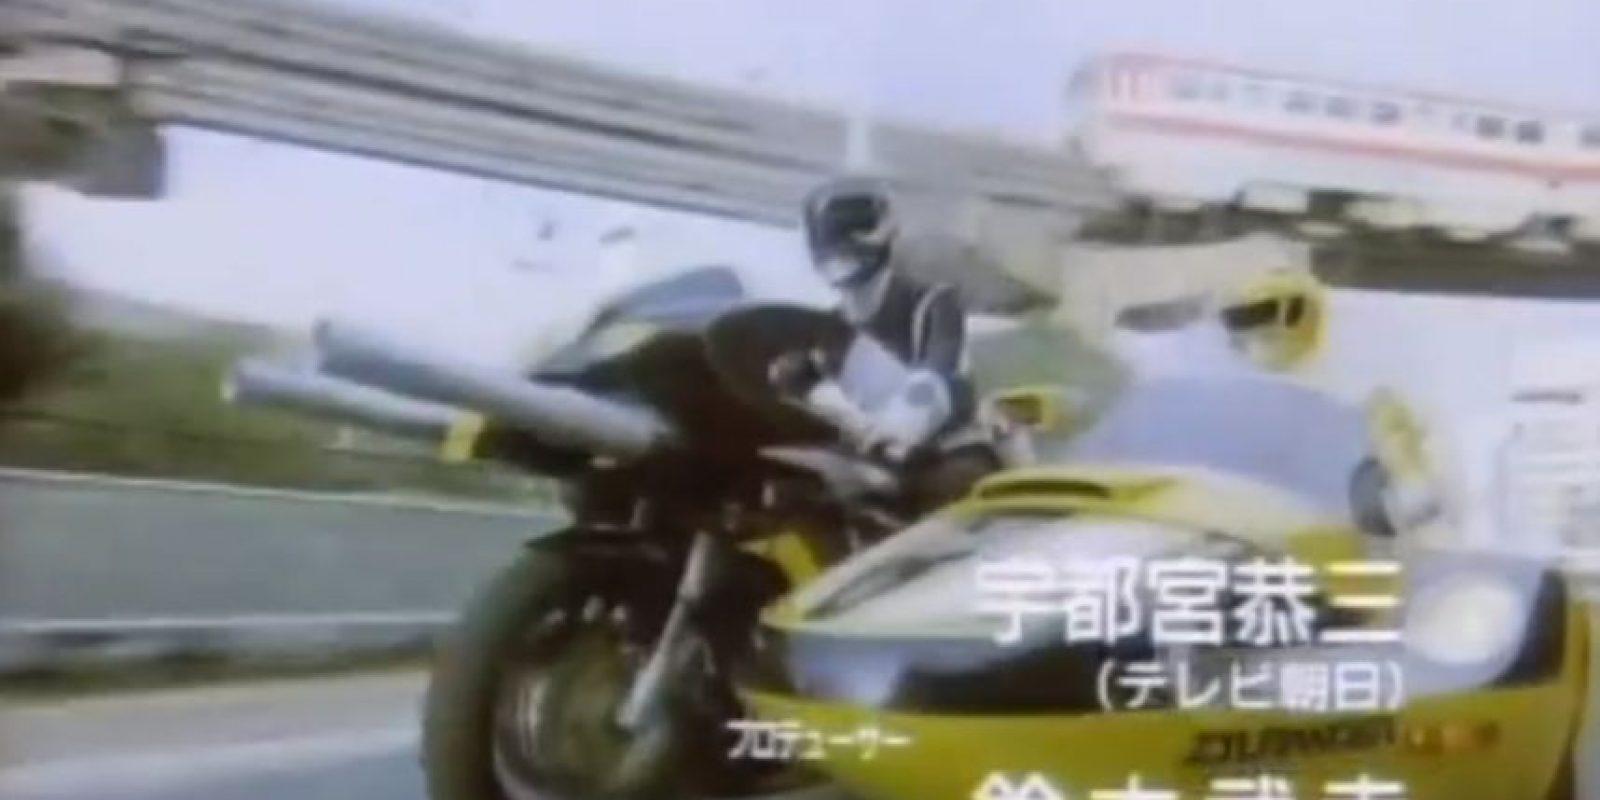 El argumento, el mismo Foto:Tv Asahi